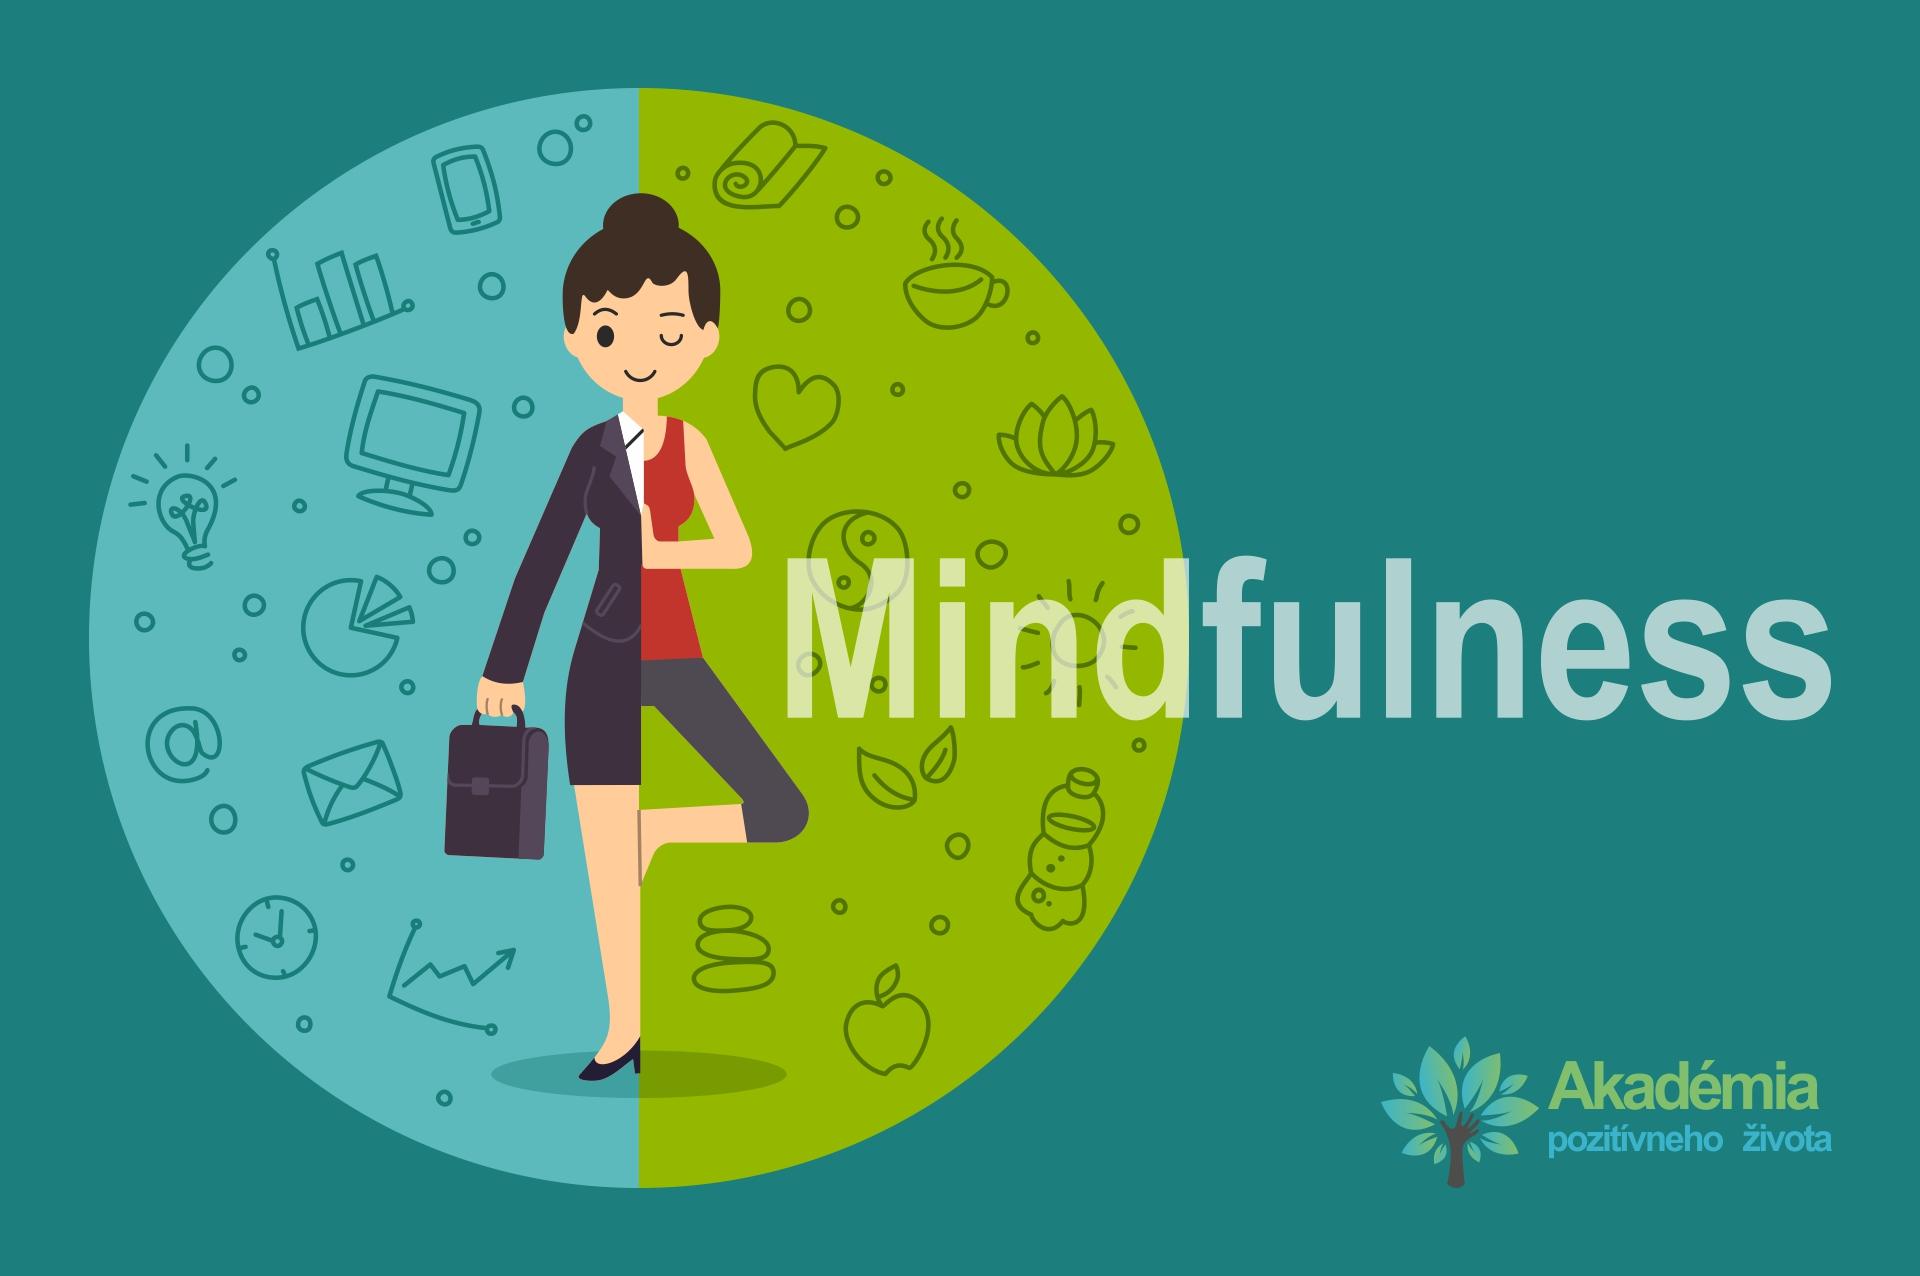 Mindfulness Akadémia pozitívneho života